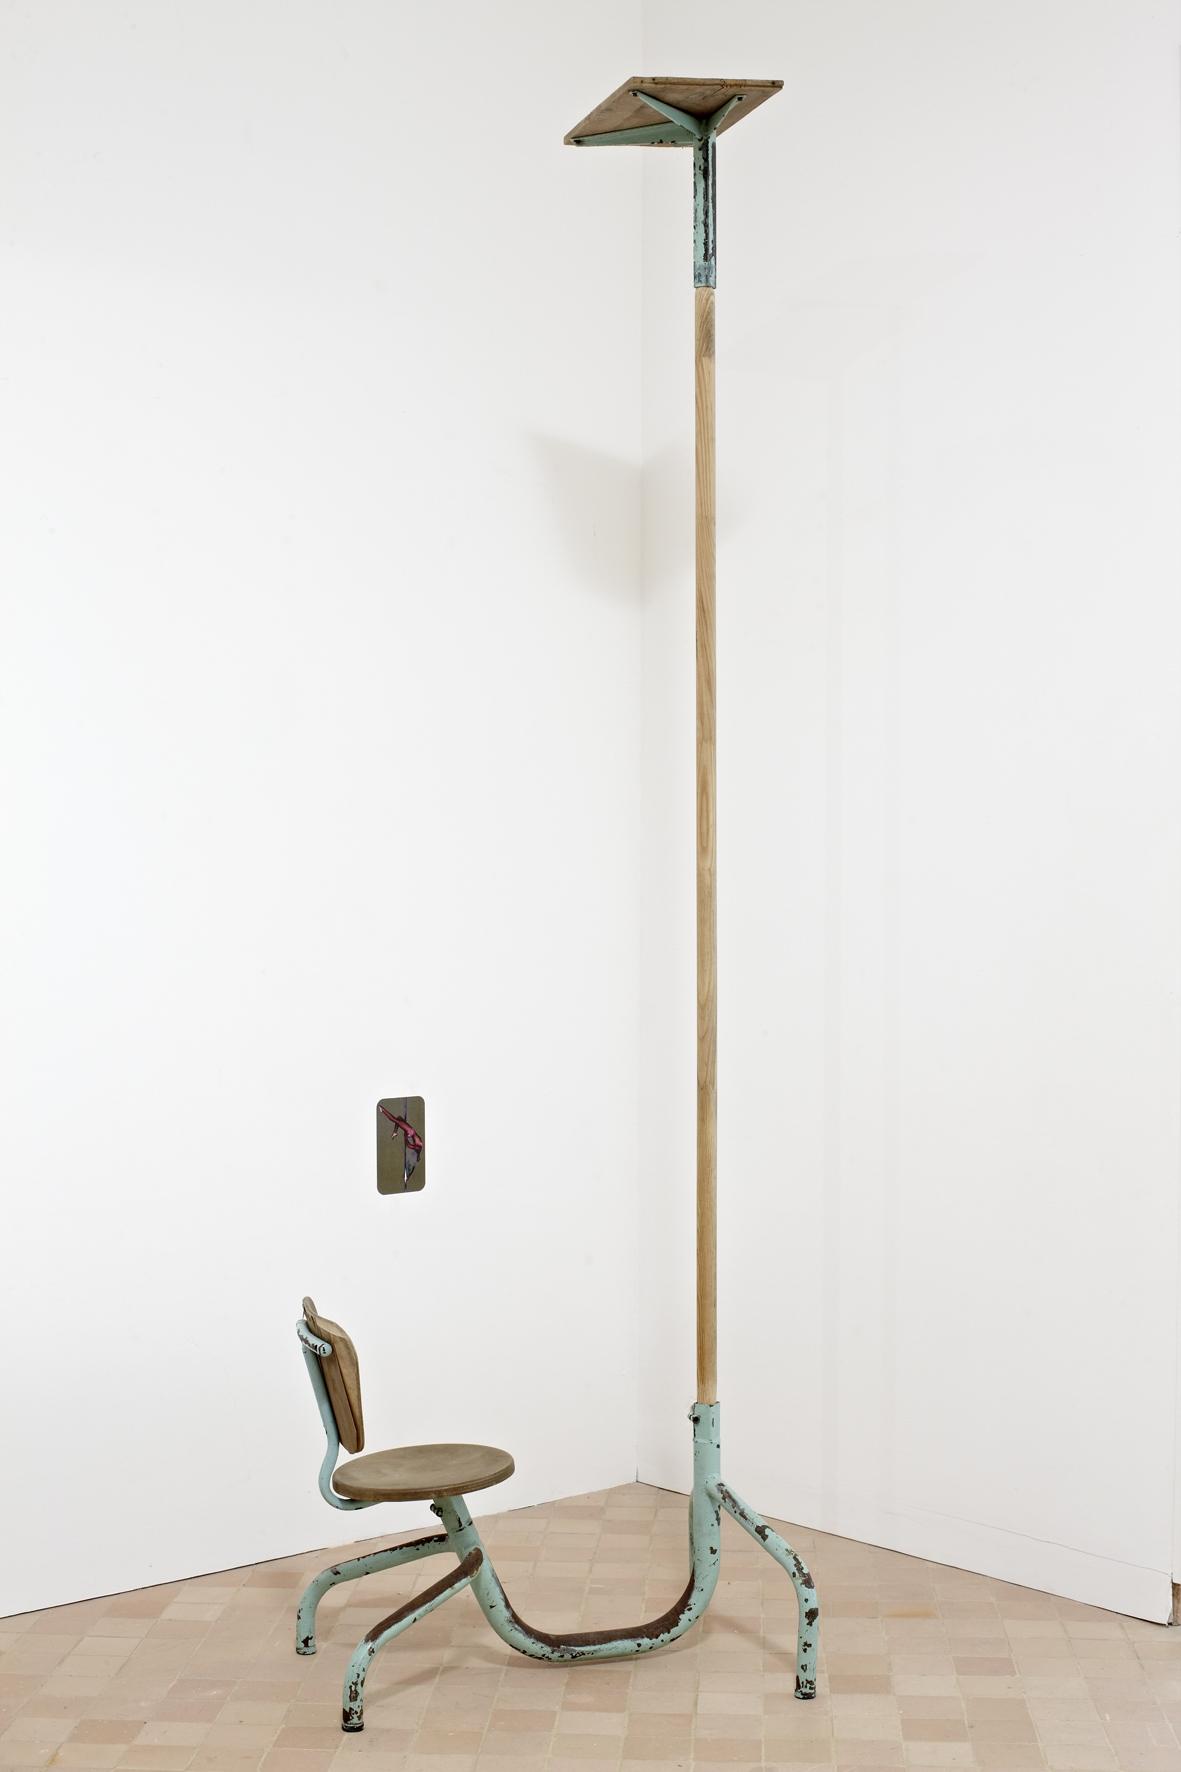 Pôle danse (exercice de soi), objet modifié et image encollée